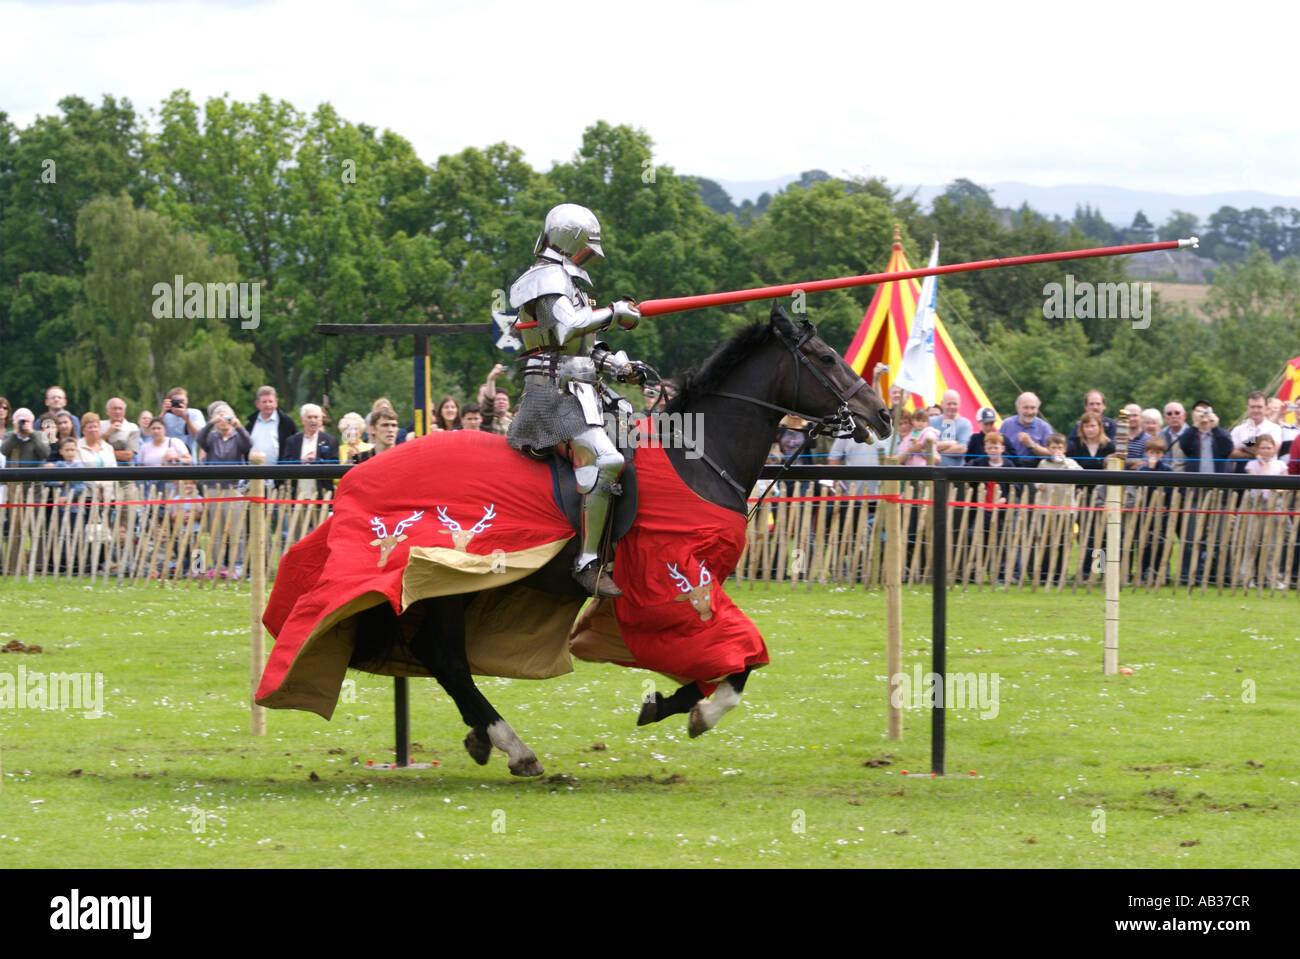 Ritterturniere Ritter in Rüstung galoppiert in Dunfermline öffentlichen Park 2007 Stockbild